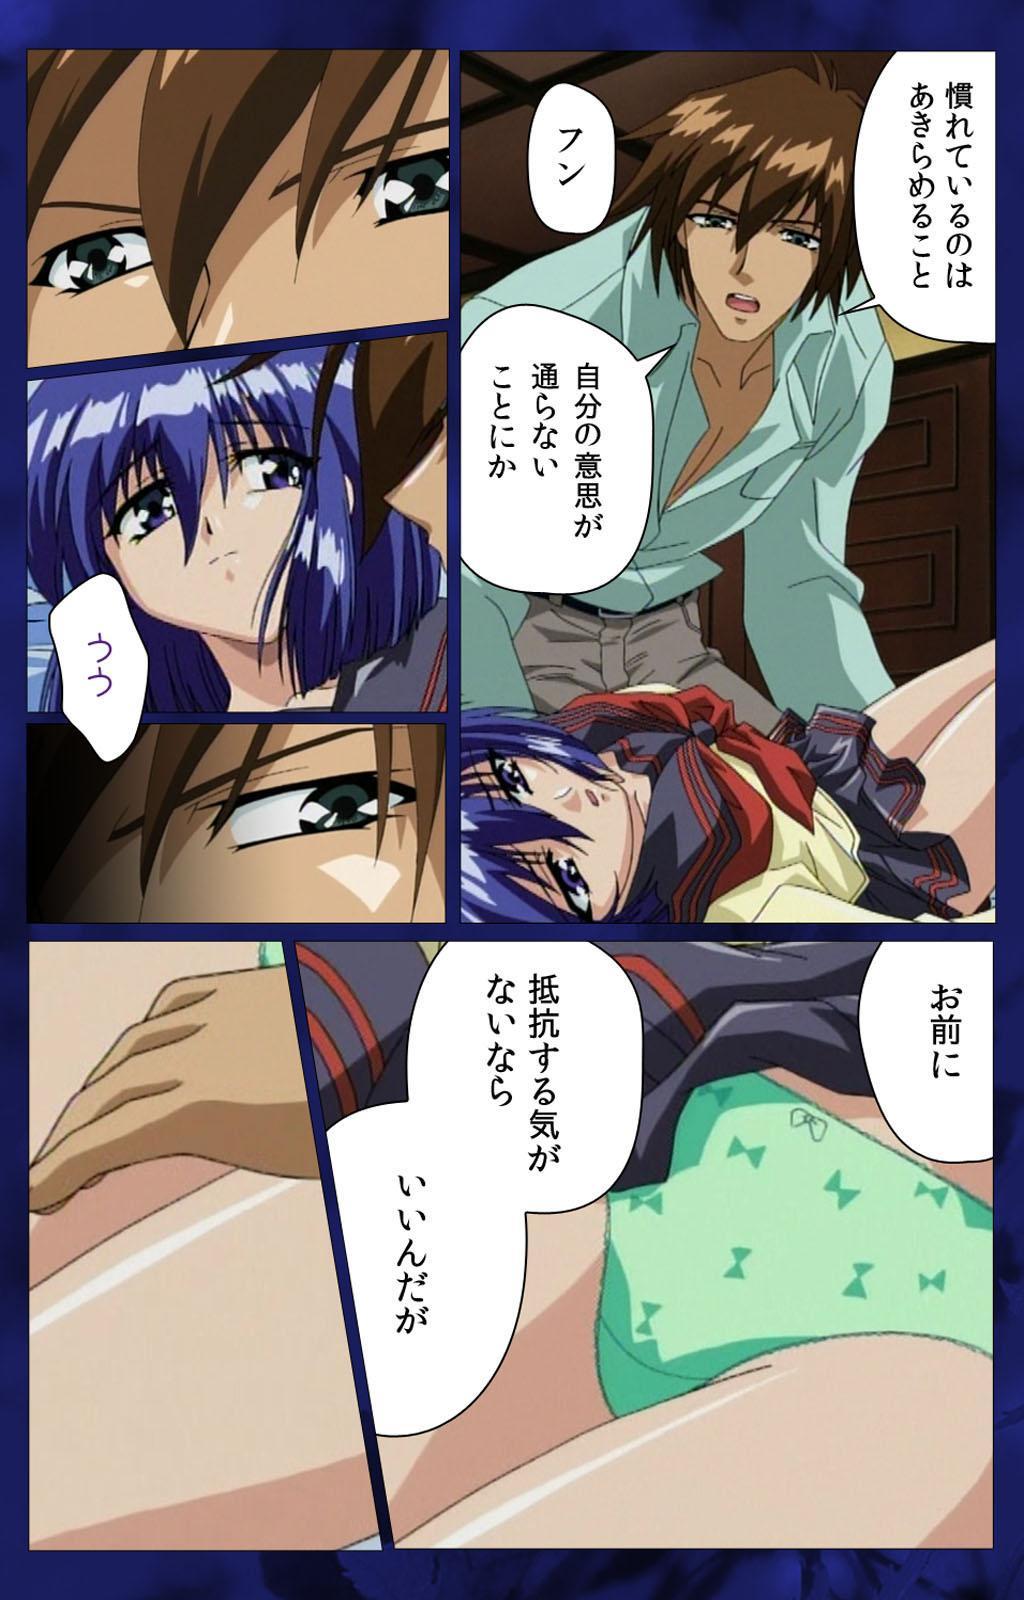 'watashi ningyo jaarimasen' kanzenhan 7